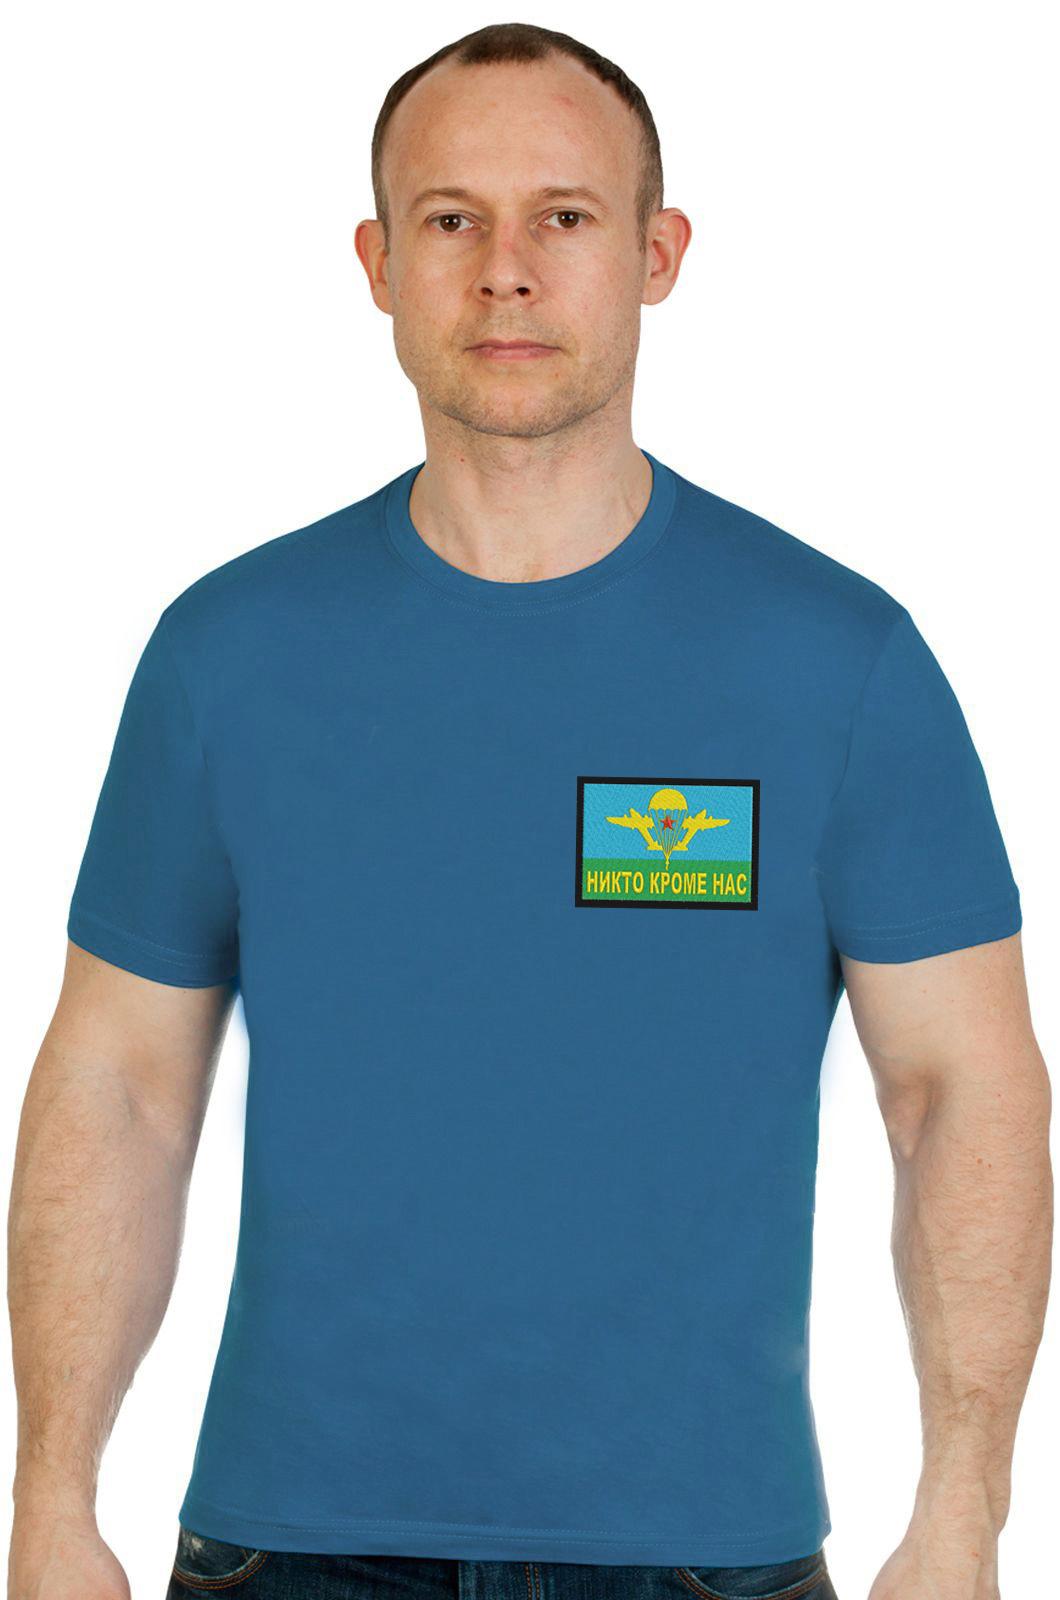 Купить сине-зеленую мужскую футболку с вышивкой Никто Кроме Нас в подарок мужчине